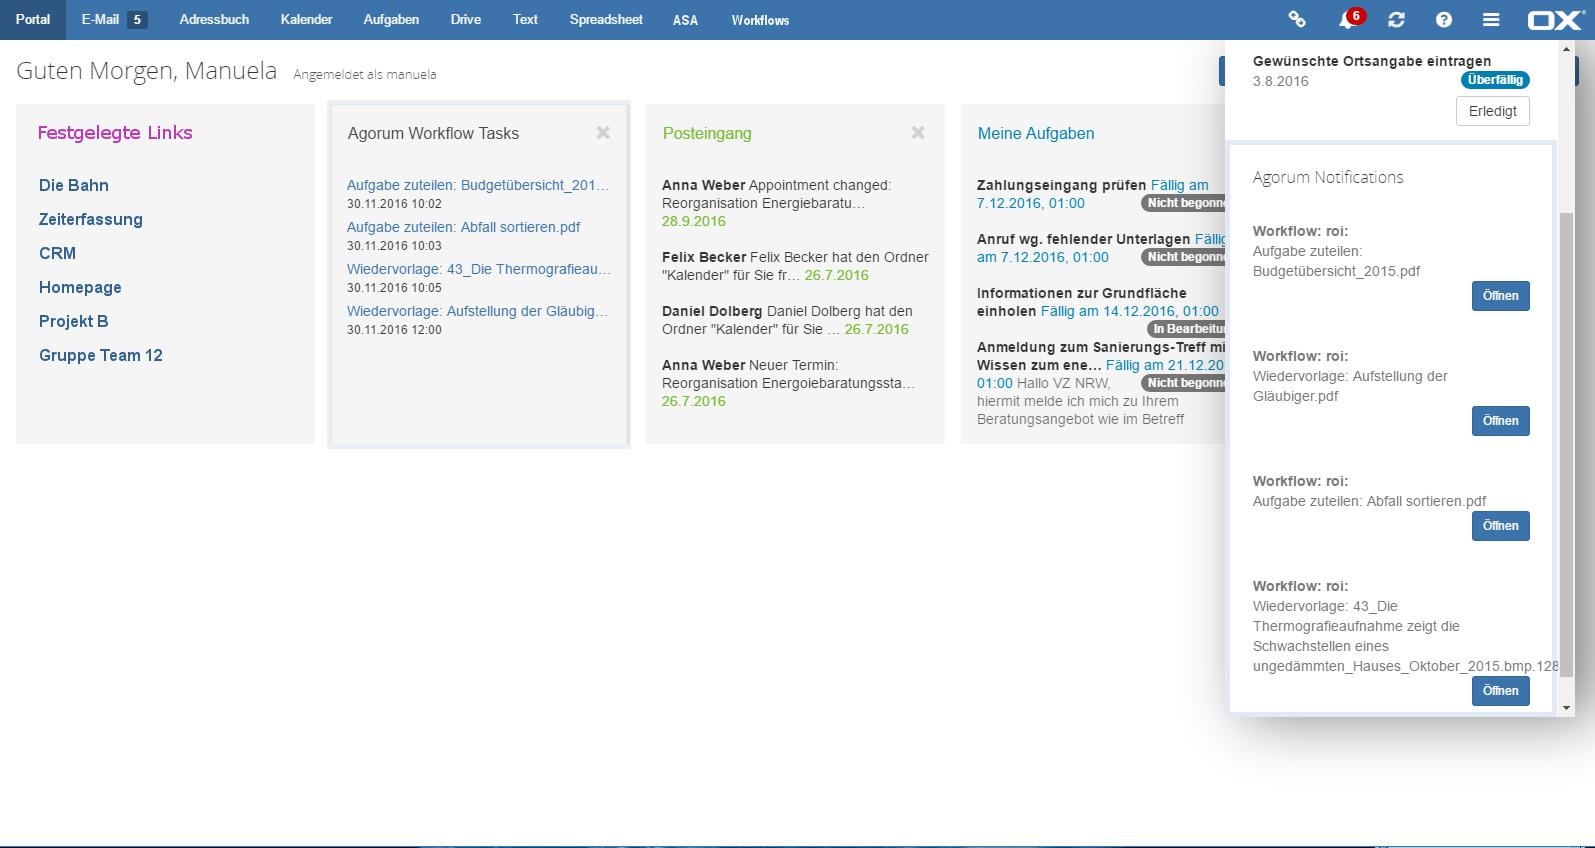 agorum® core Notizen und Open-Xchange Notifications auf einen Blick.